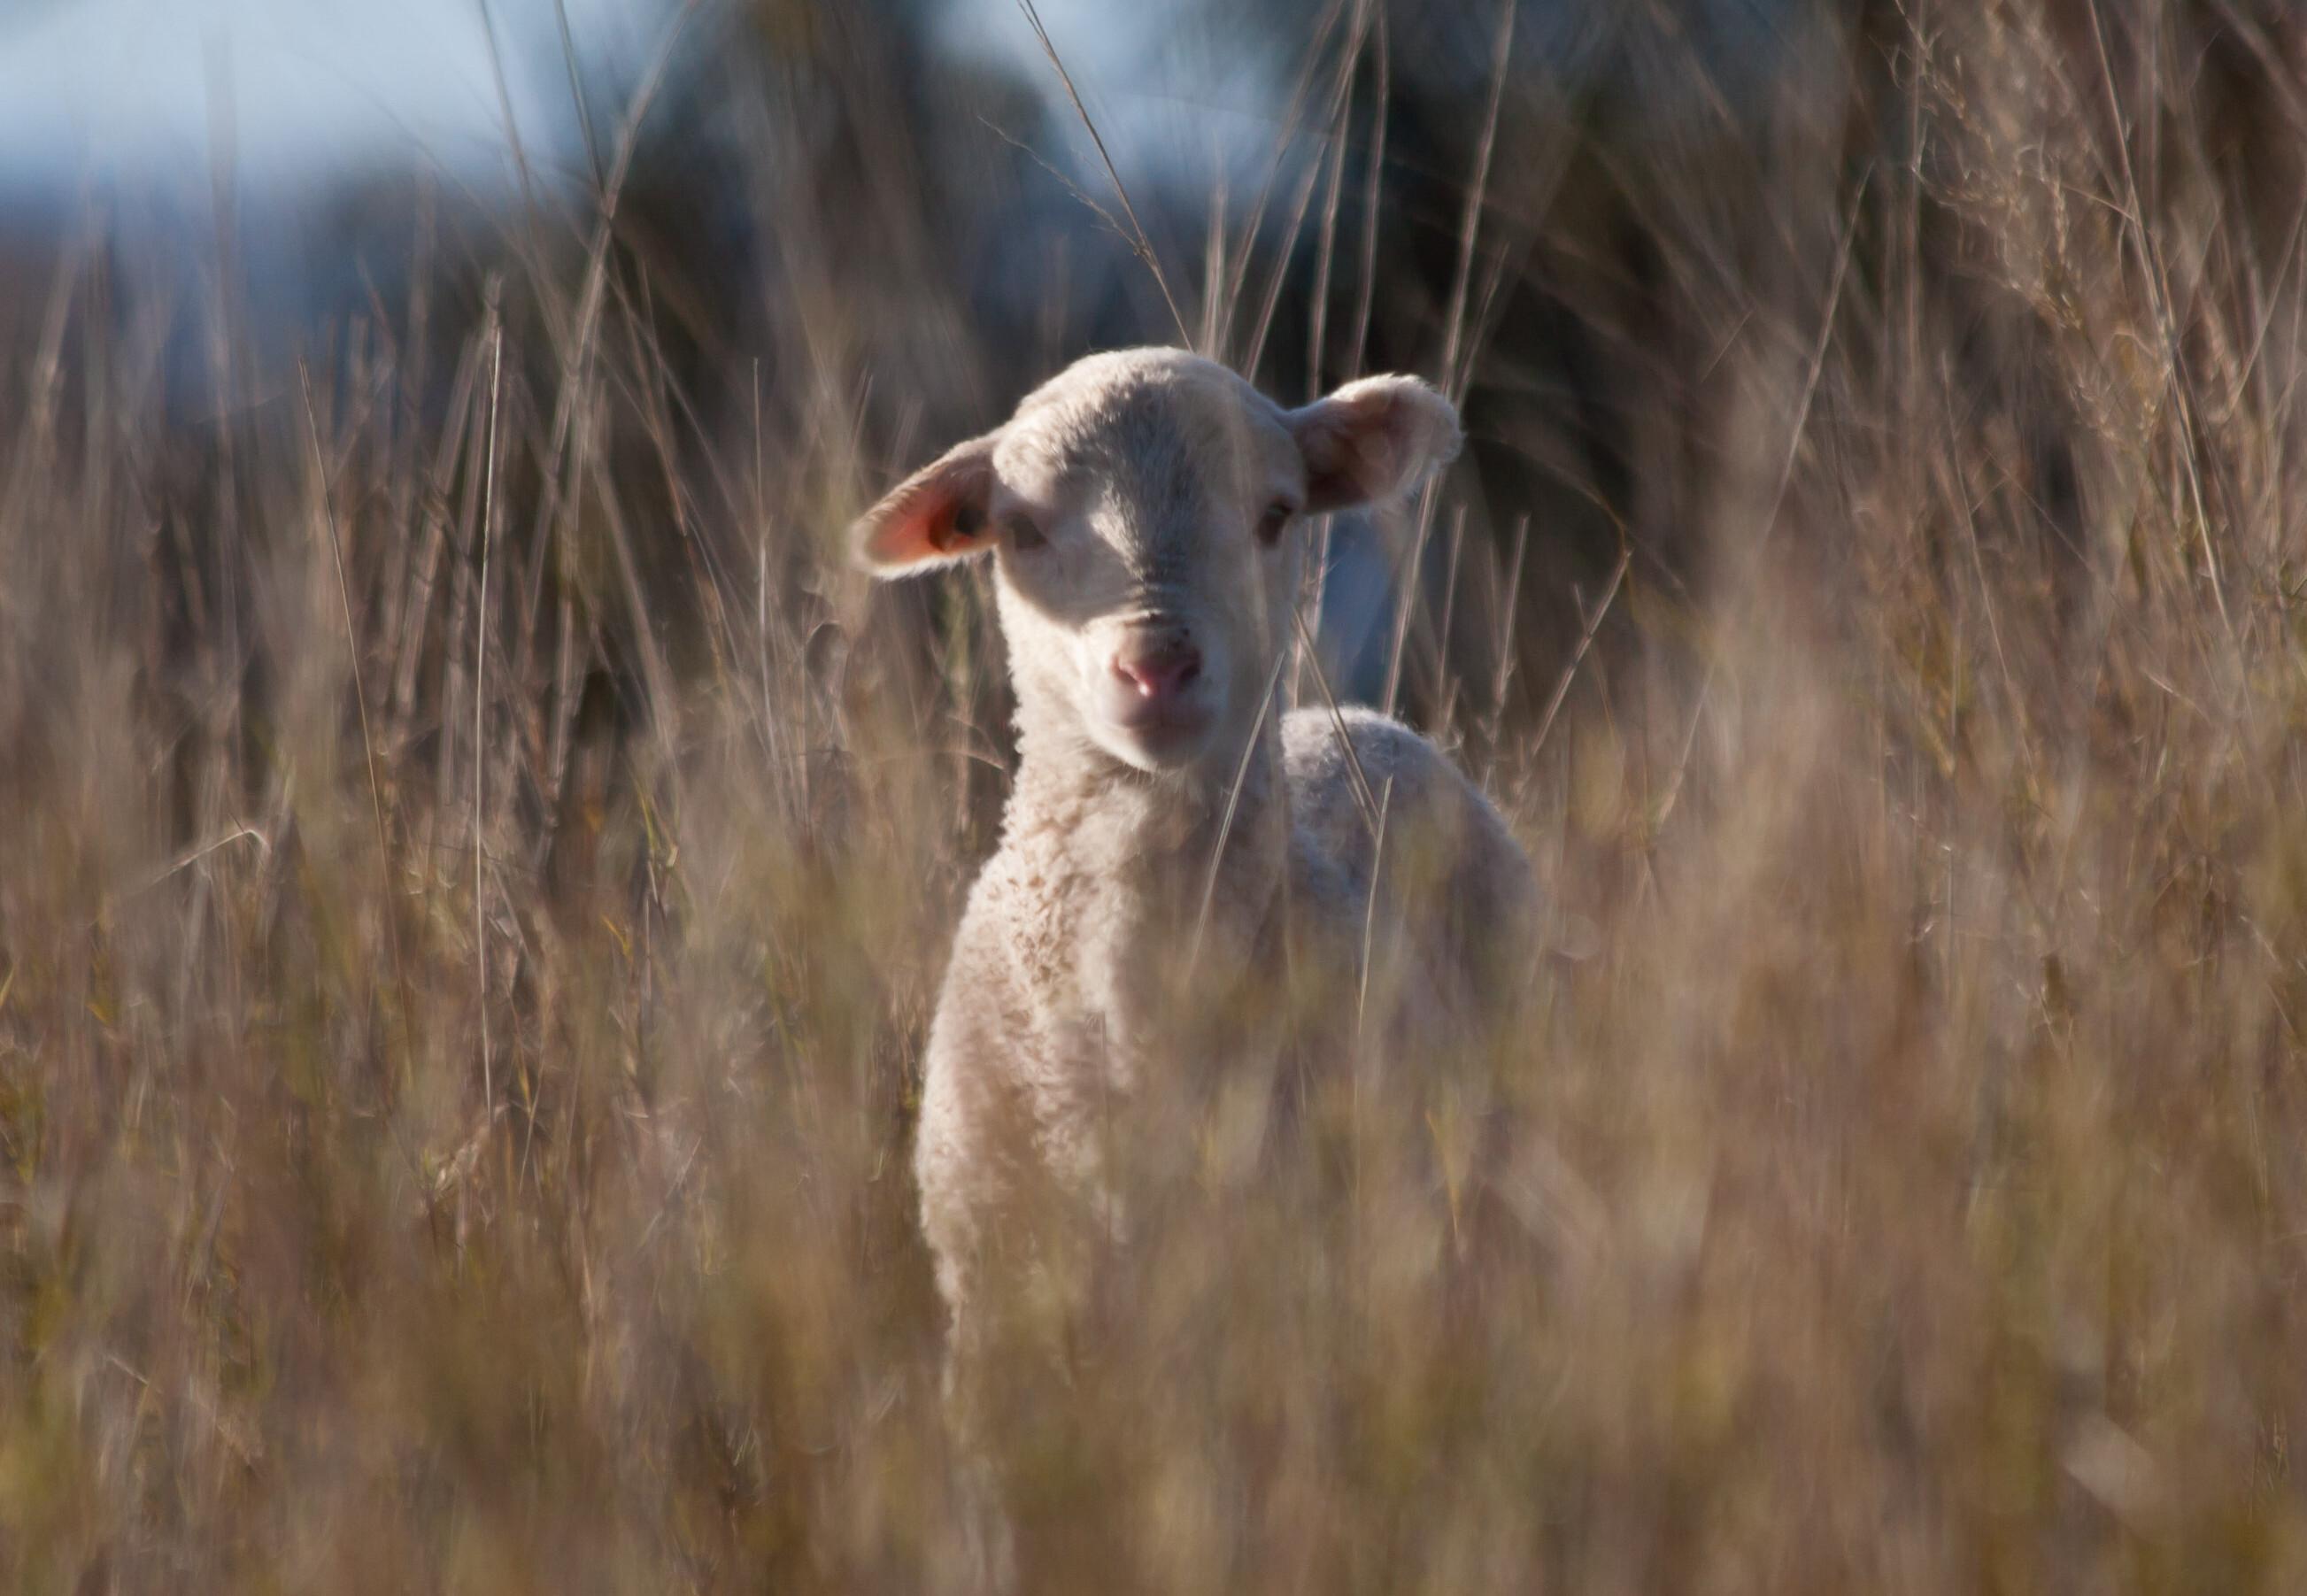 A cute Merino lamb looking at the camera